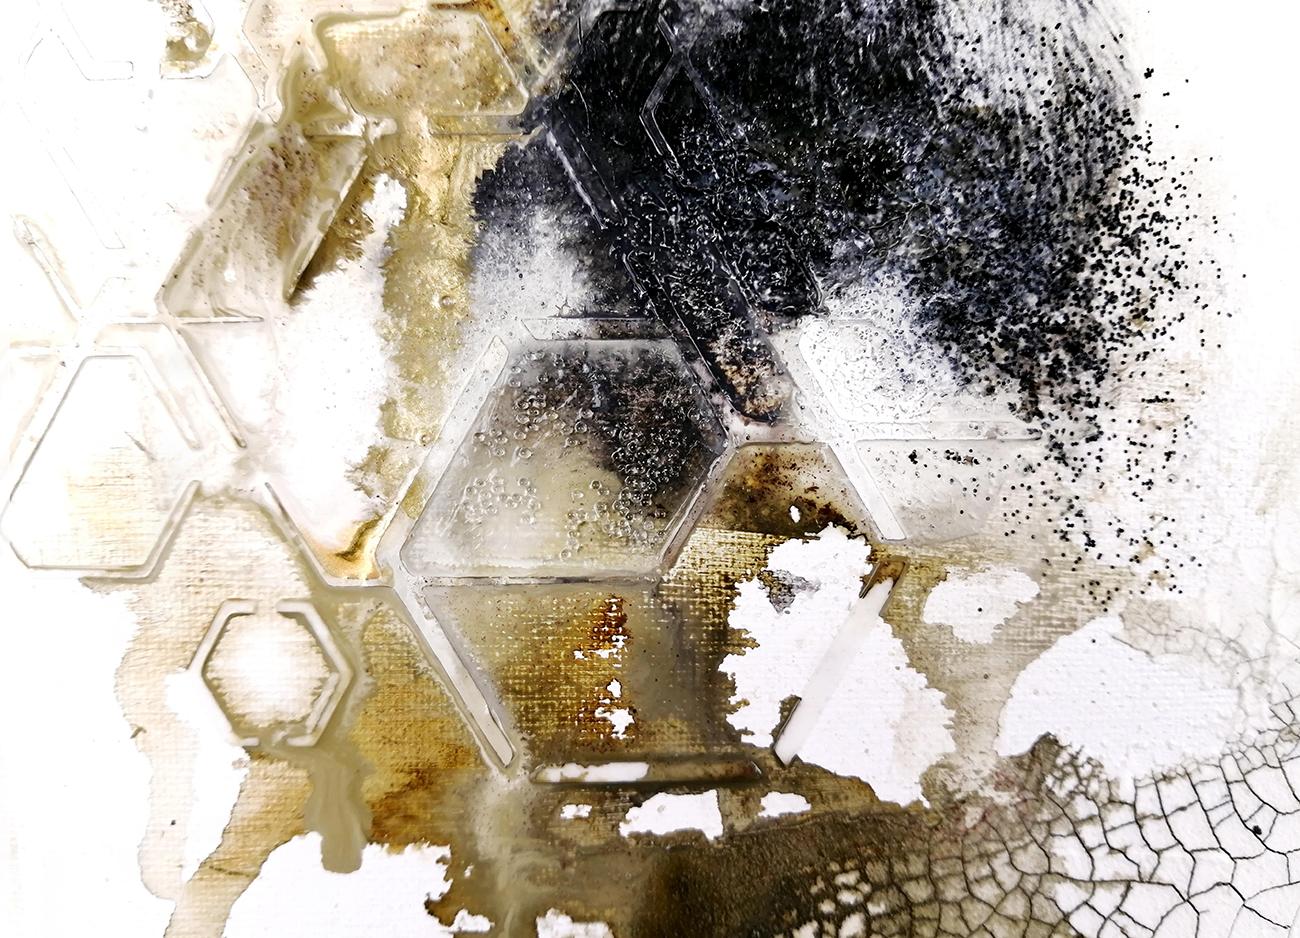 texture peinture et médium acrylique techniques mixtes